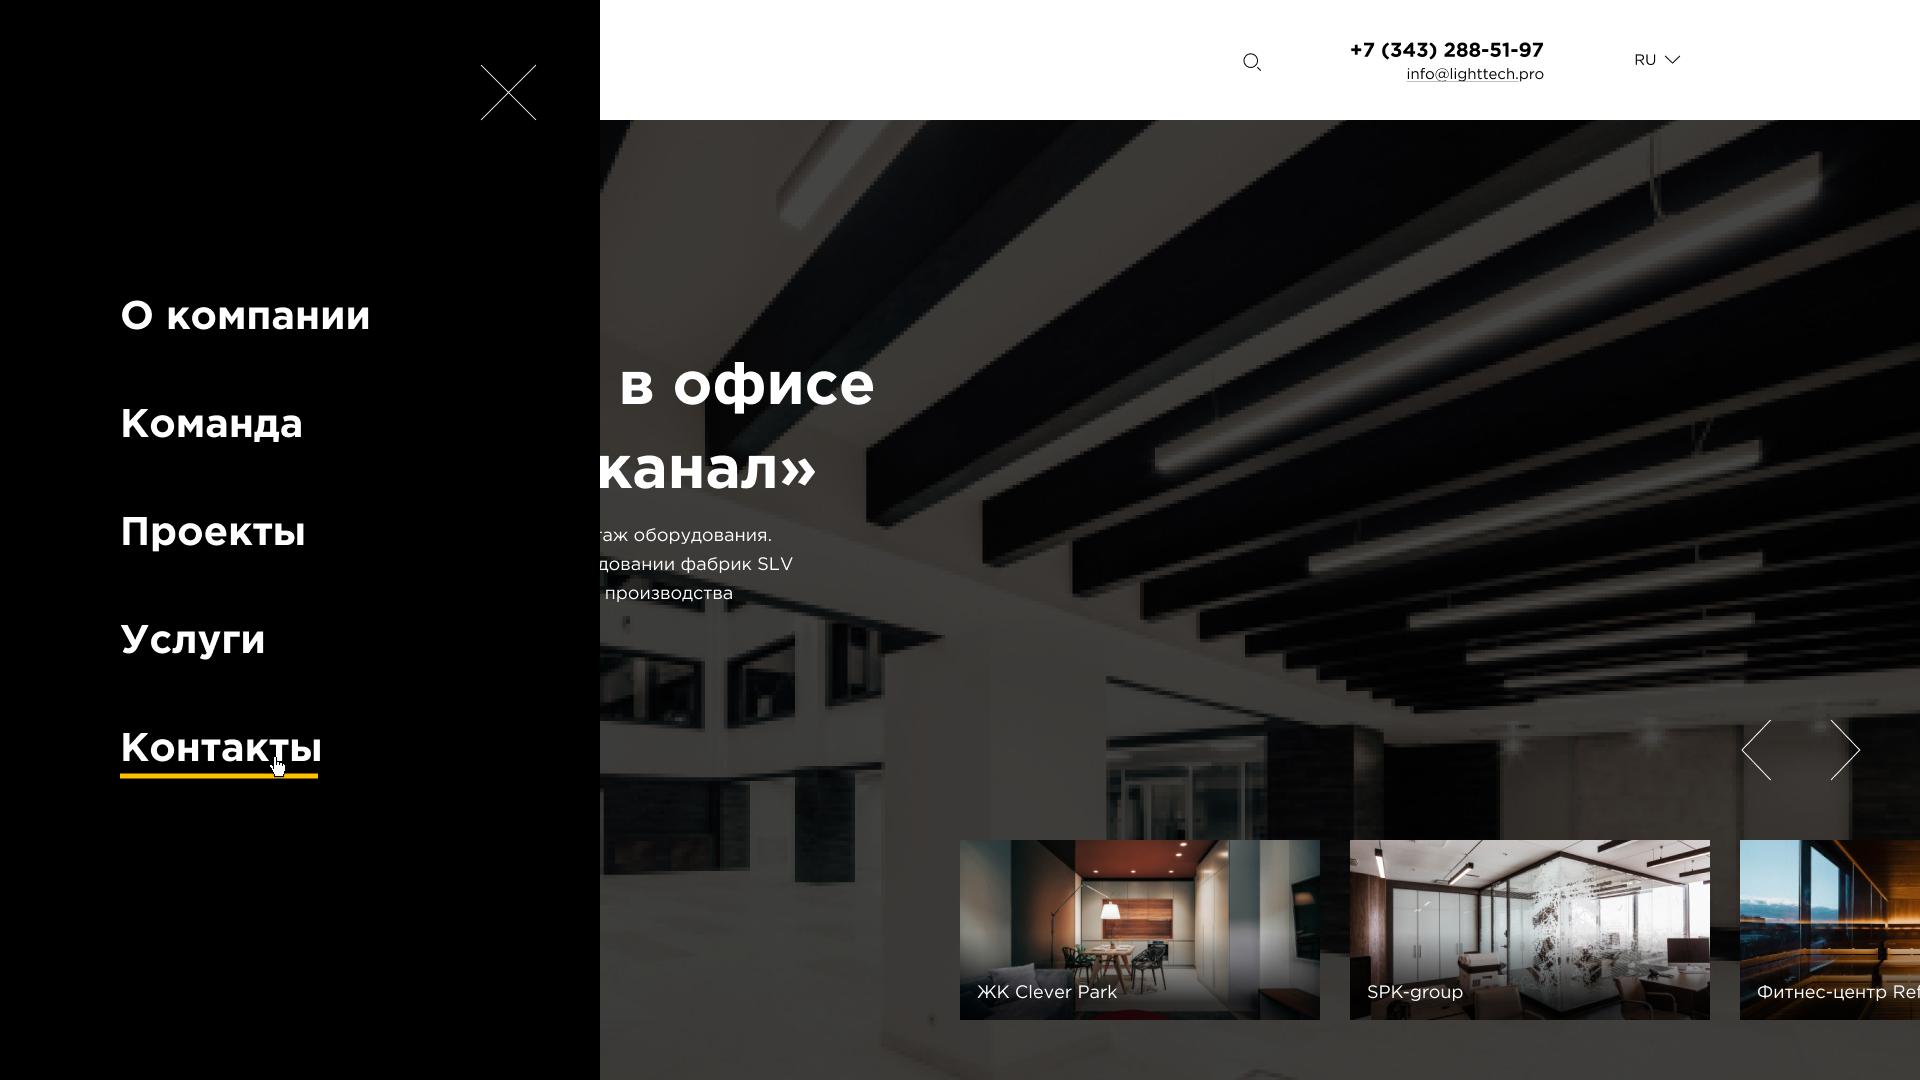 lighttech_menu2.png